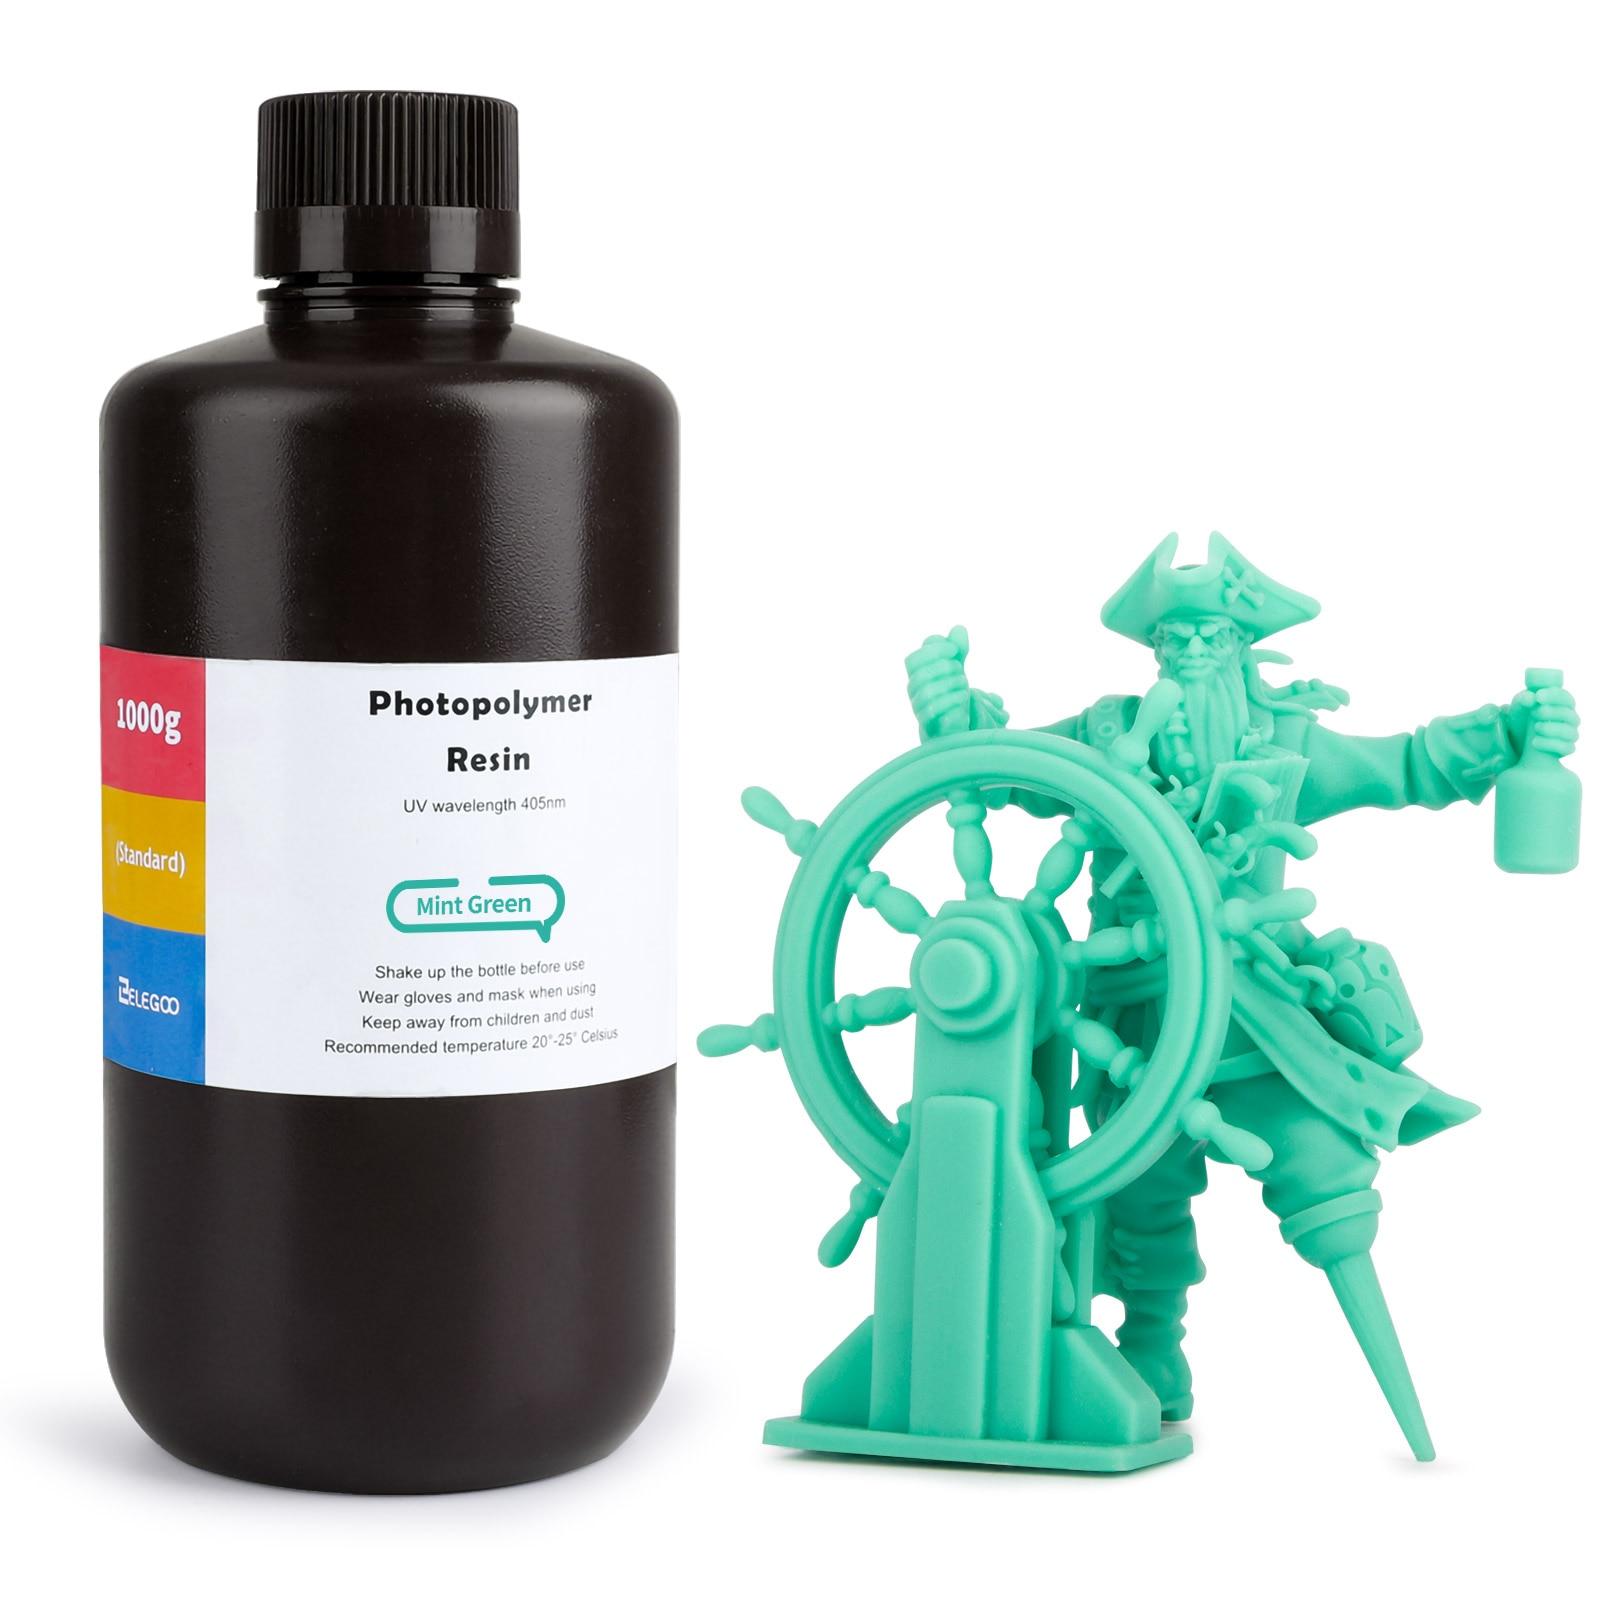 ELEGOO АБС похожее на смолы 3D-принтеры смолы 405nm УФ Смола Стандартный фотополимерные смолы для ЖК-дисплей 3D-принтеры мятно-зеленого цвета, 1000 мл